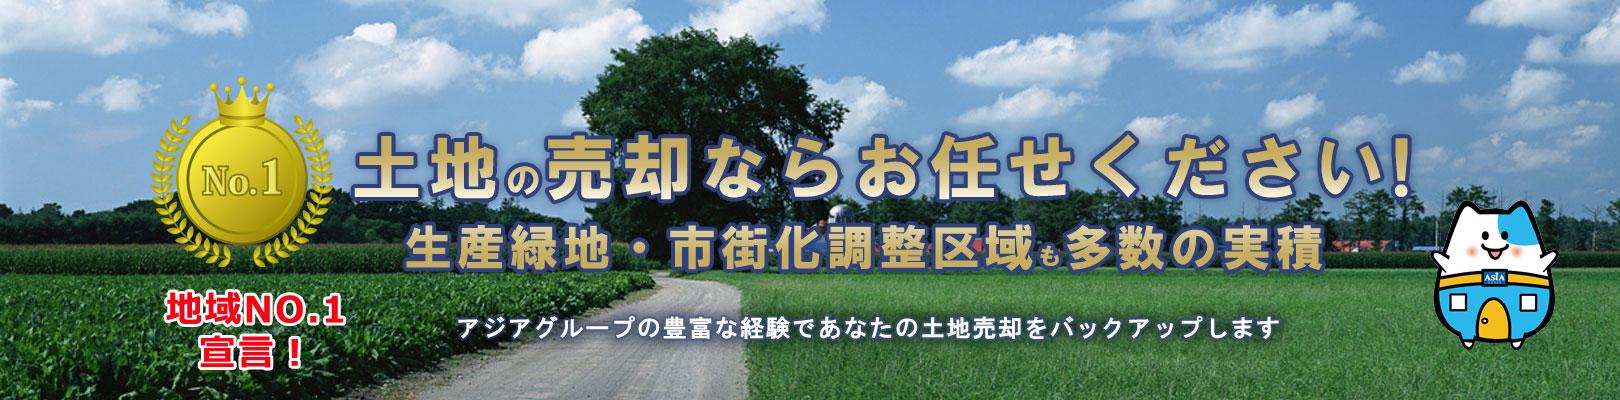 株式会社アキラ